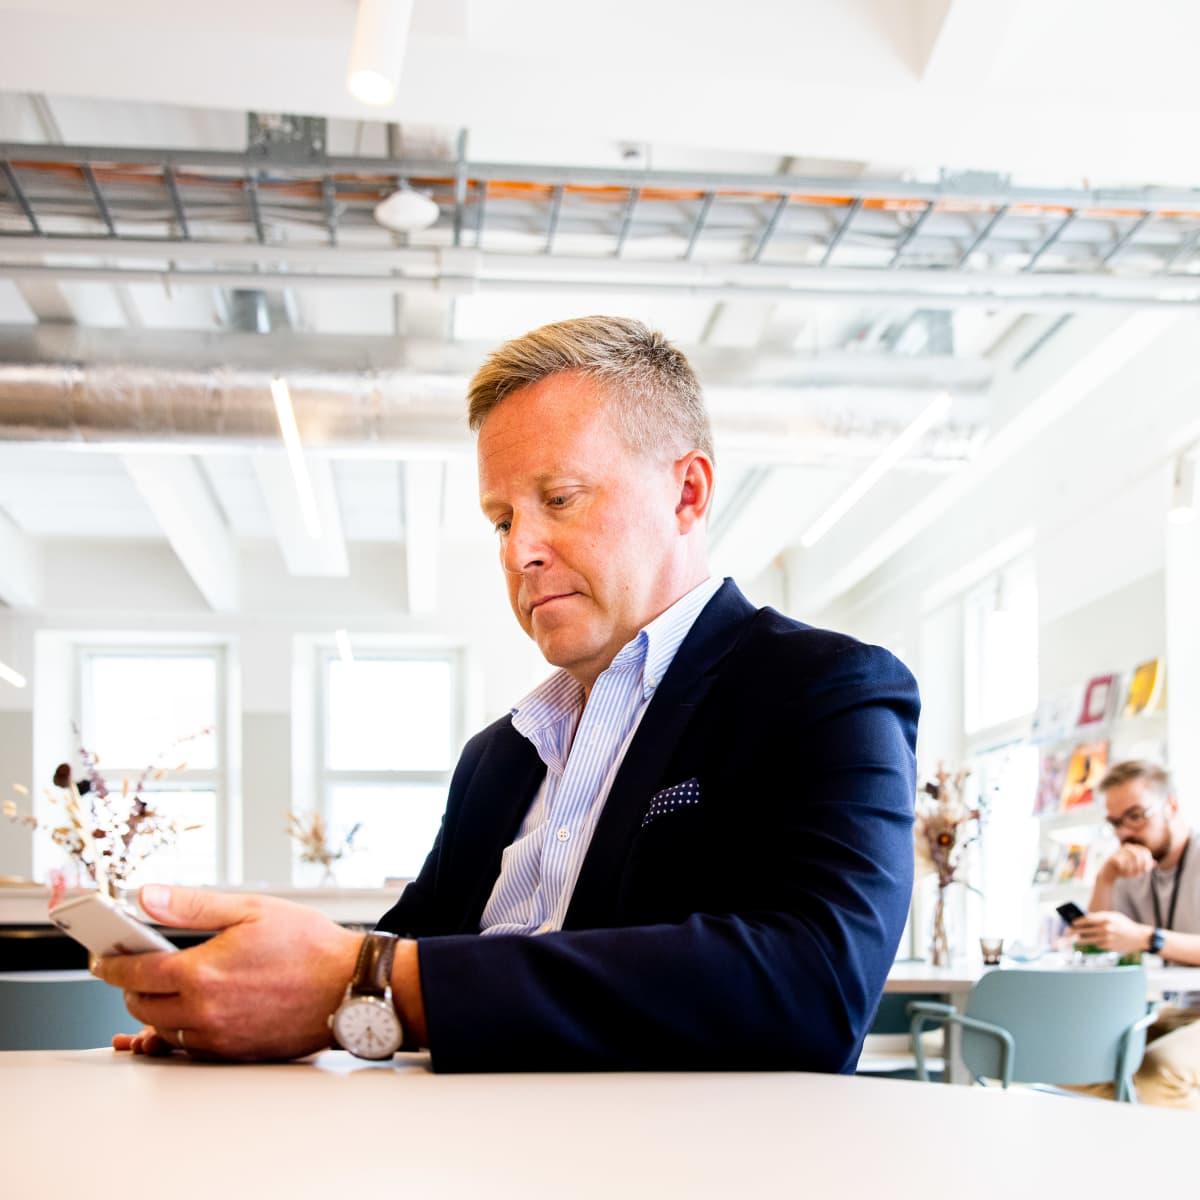 Jussi Kekkonen tutkii puhelintaan.